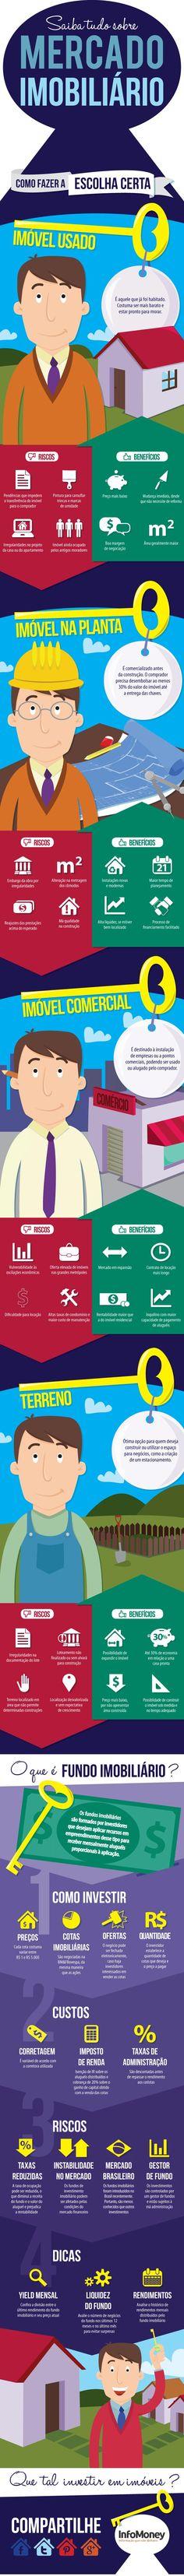 Comprar Imóveis é um dos Melhores Investimentos atualmente no Brasil. Veja as opções e Dicas para escolha certa na hora do Investimento em Imóvel!